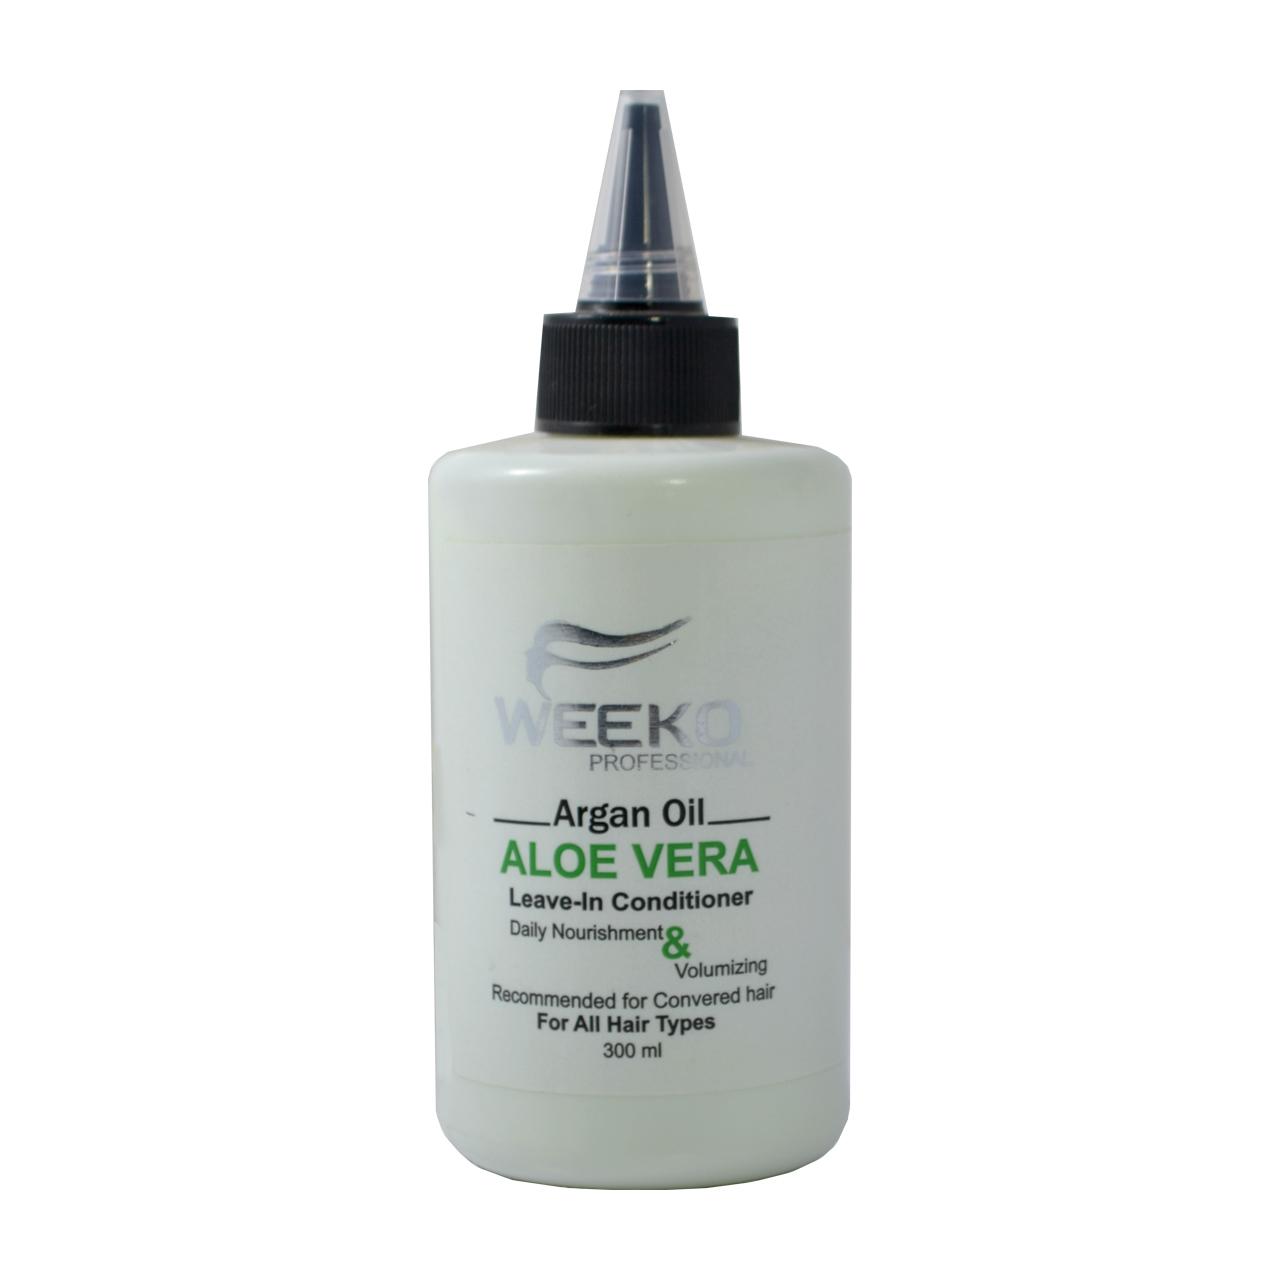 قیمت کرم موی ویکو مدل Aloe Vera حجم 300 میلی لیتر